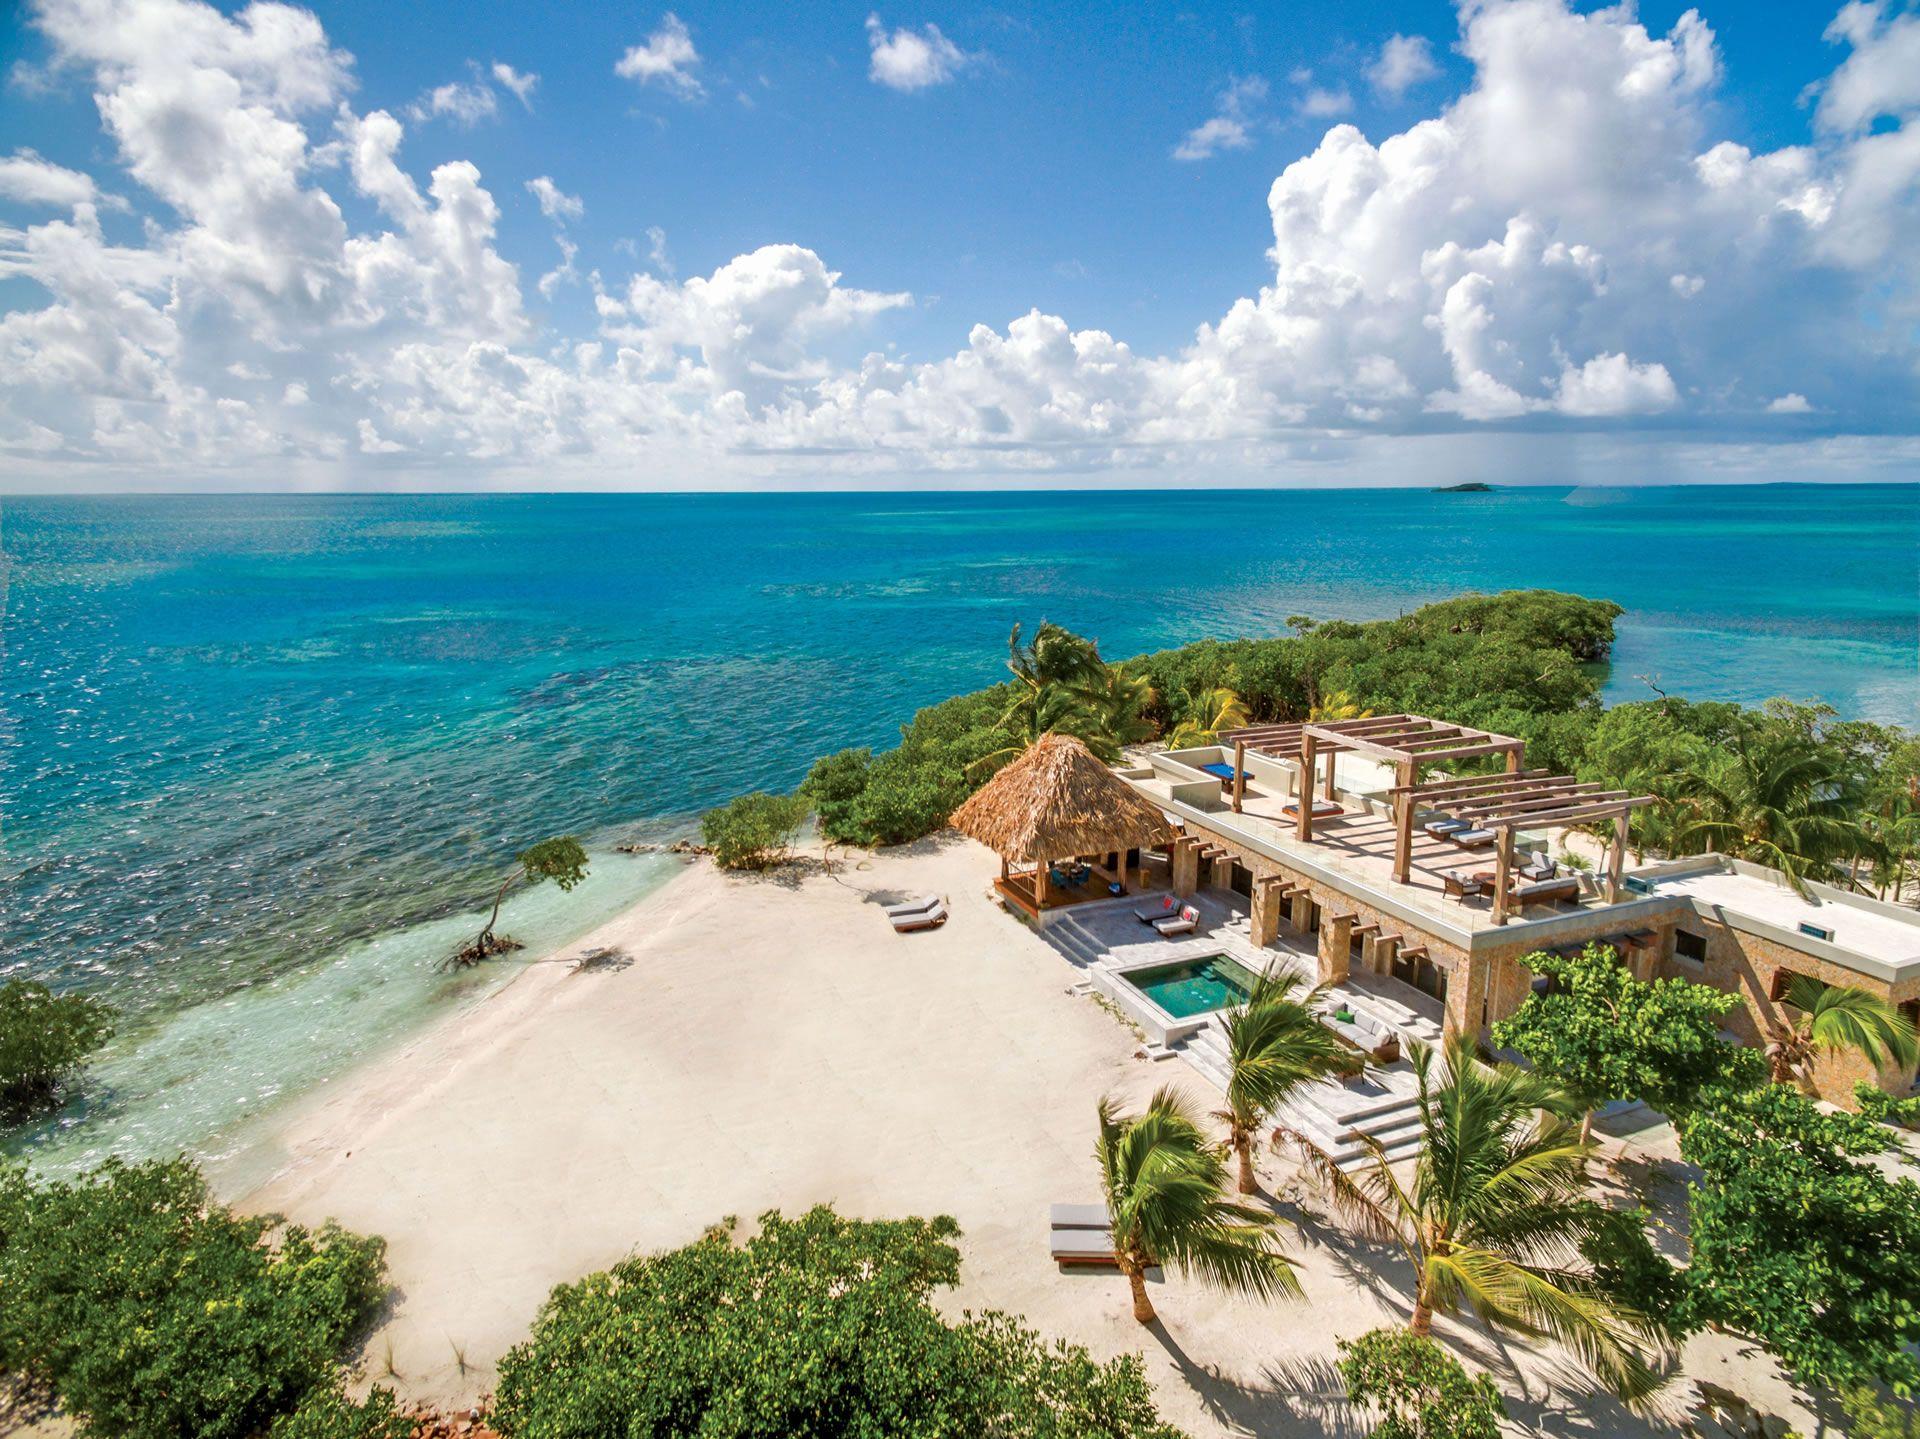 Gladden Private Island The World S Most Private Island Private